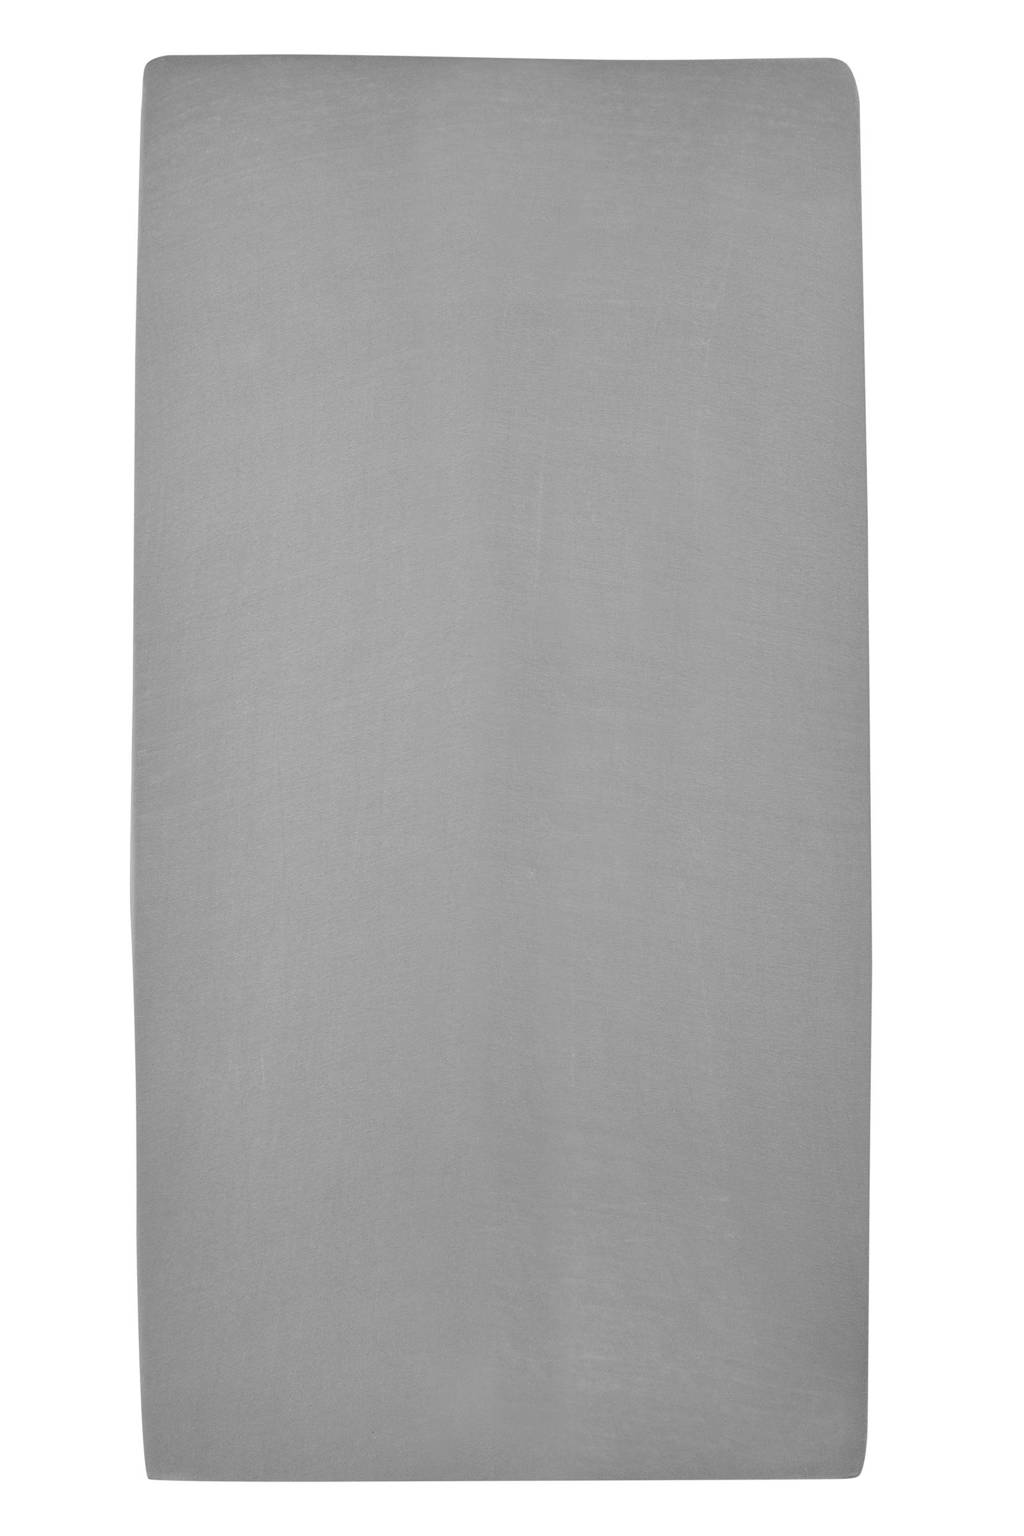 Meyco jersey hoeslaken wieg 40x80/90 cm Grijs